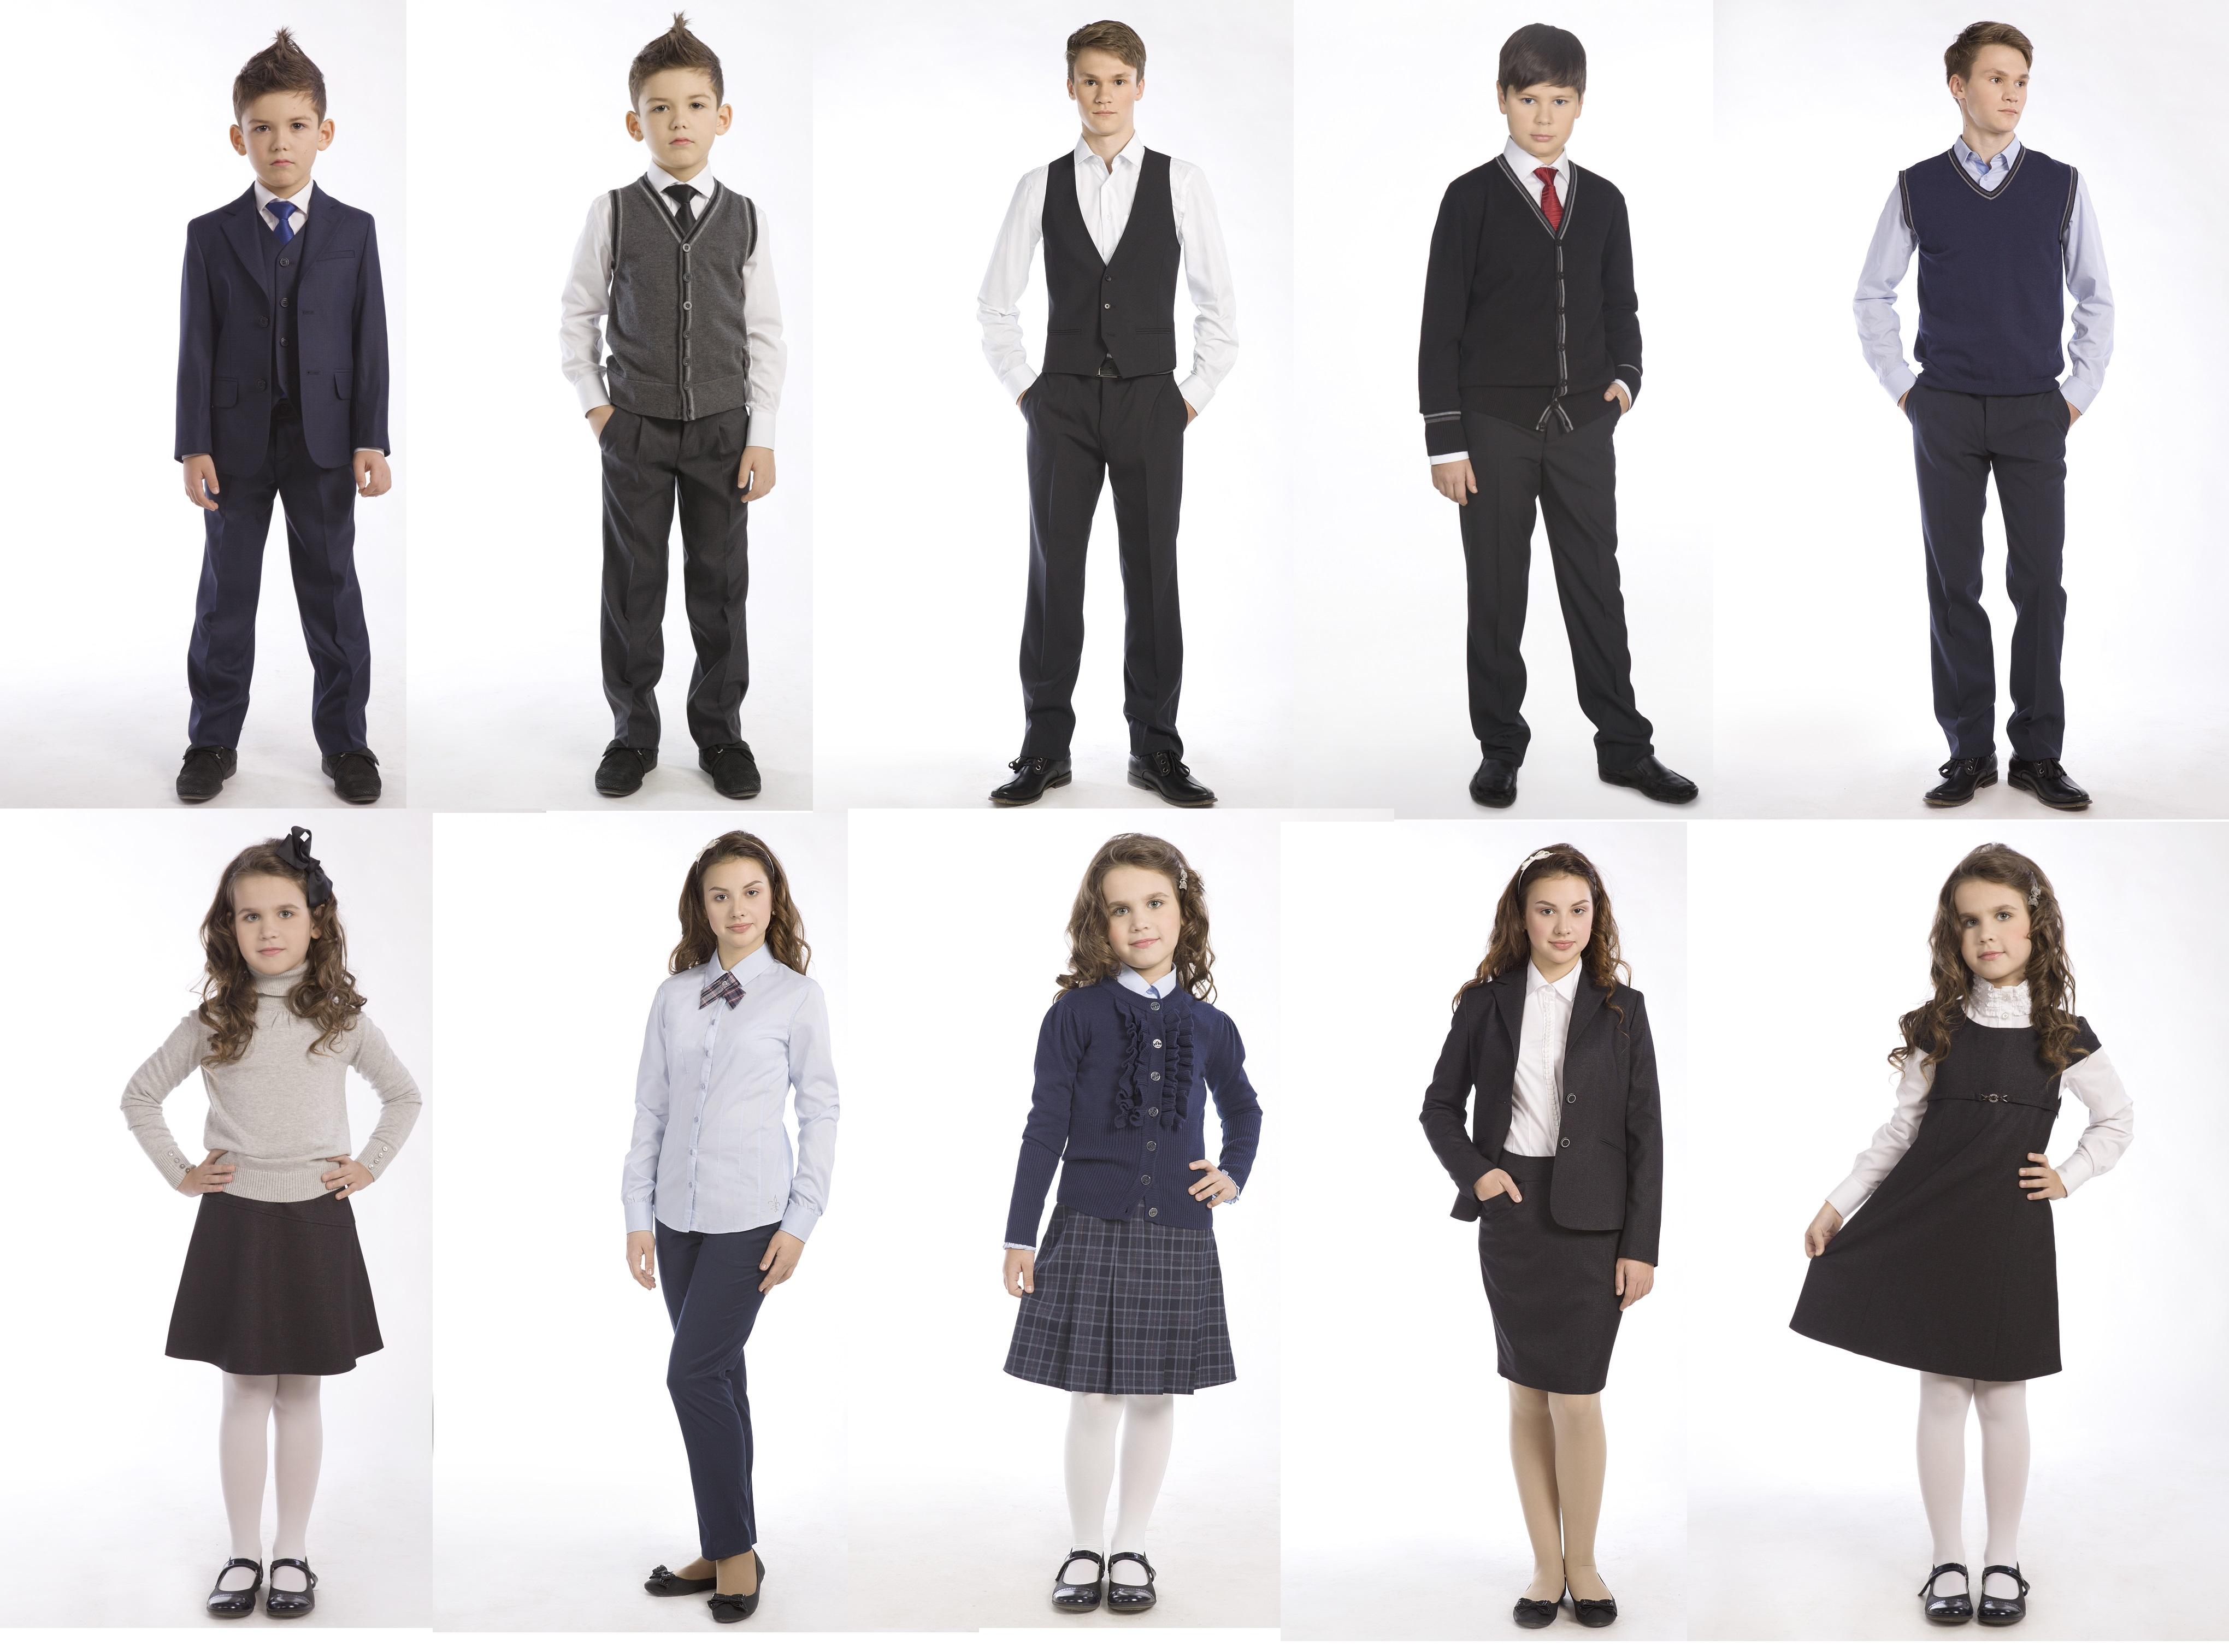 Школьная форма нового поколения! Костюмная группа и школьный трикотаж - водолазки, жилеты, кардиганы, рубашки, блузки - 22. На рост от 116 до 188. Без рядов!